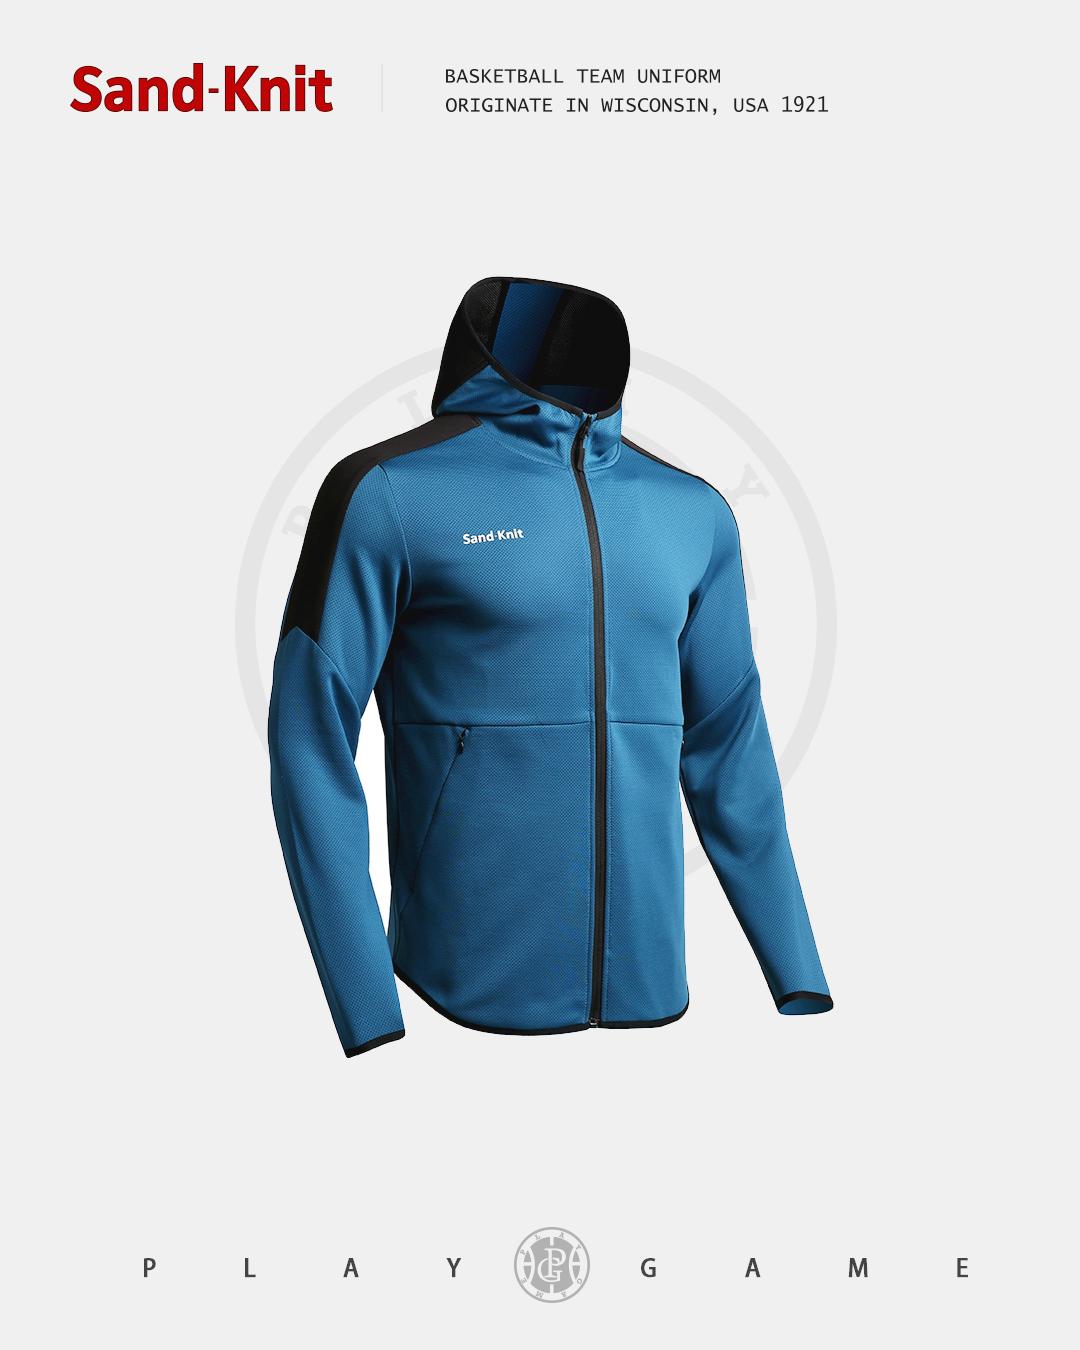 动力之窗运动装备森耐特个性时尚潮流男装卫衣连帽运动外套拉链帽衫户外跑步运动长袖上衣夹克